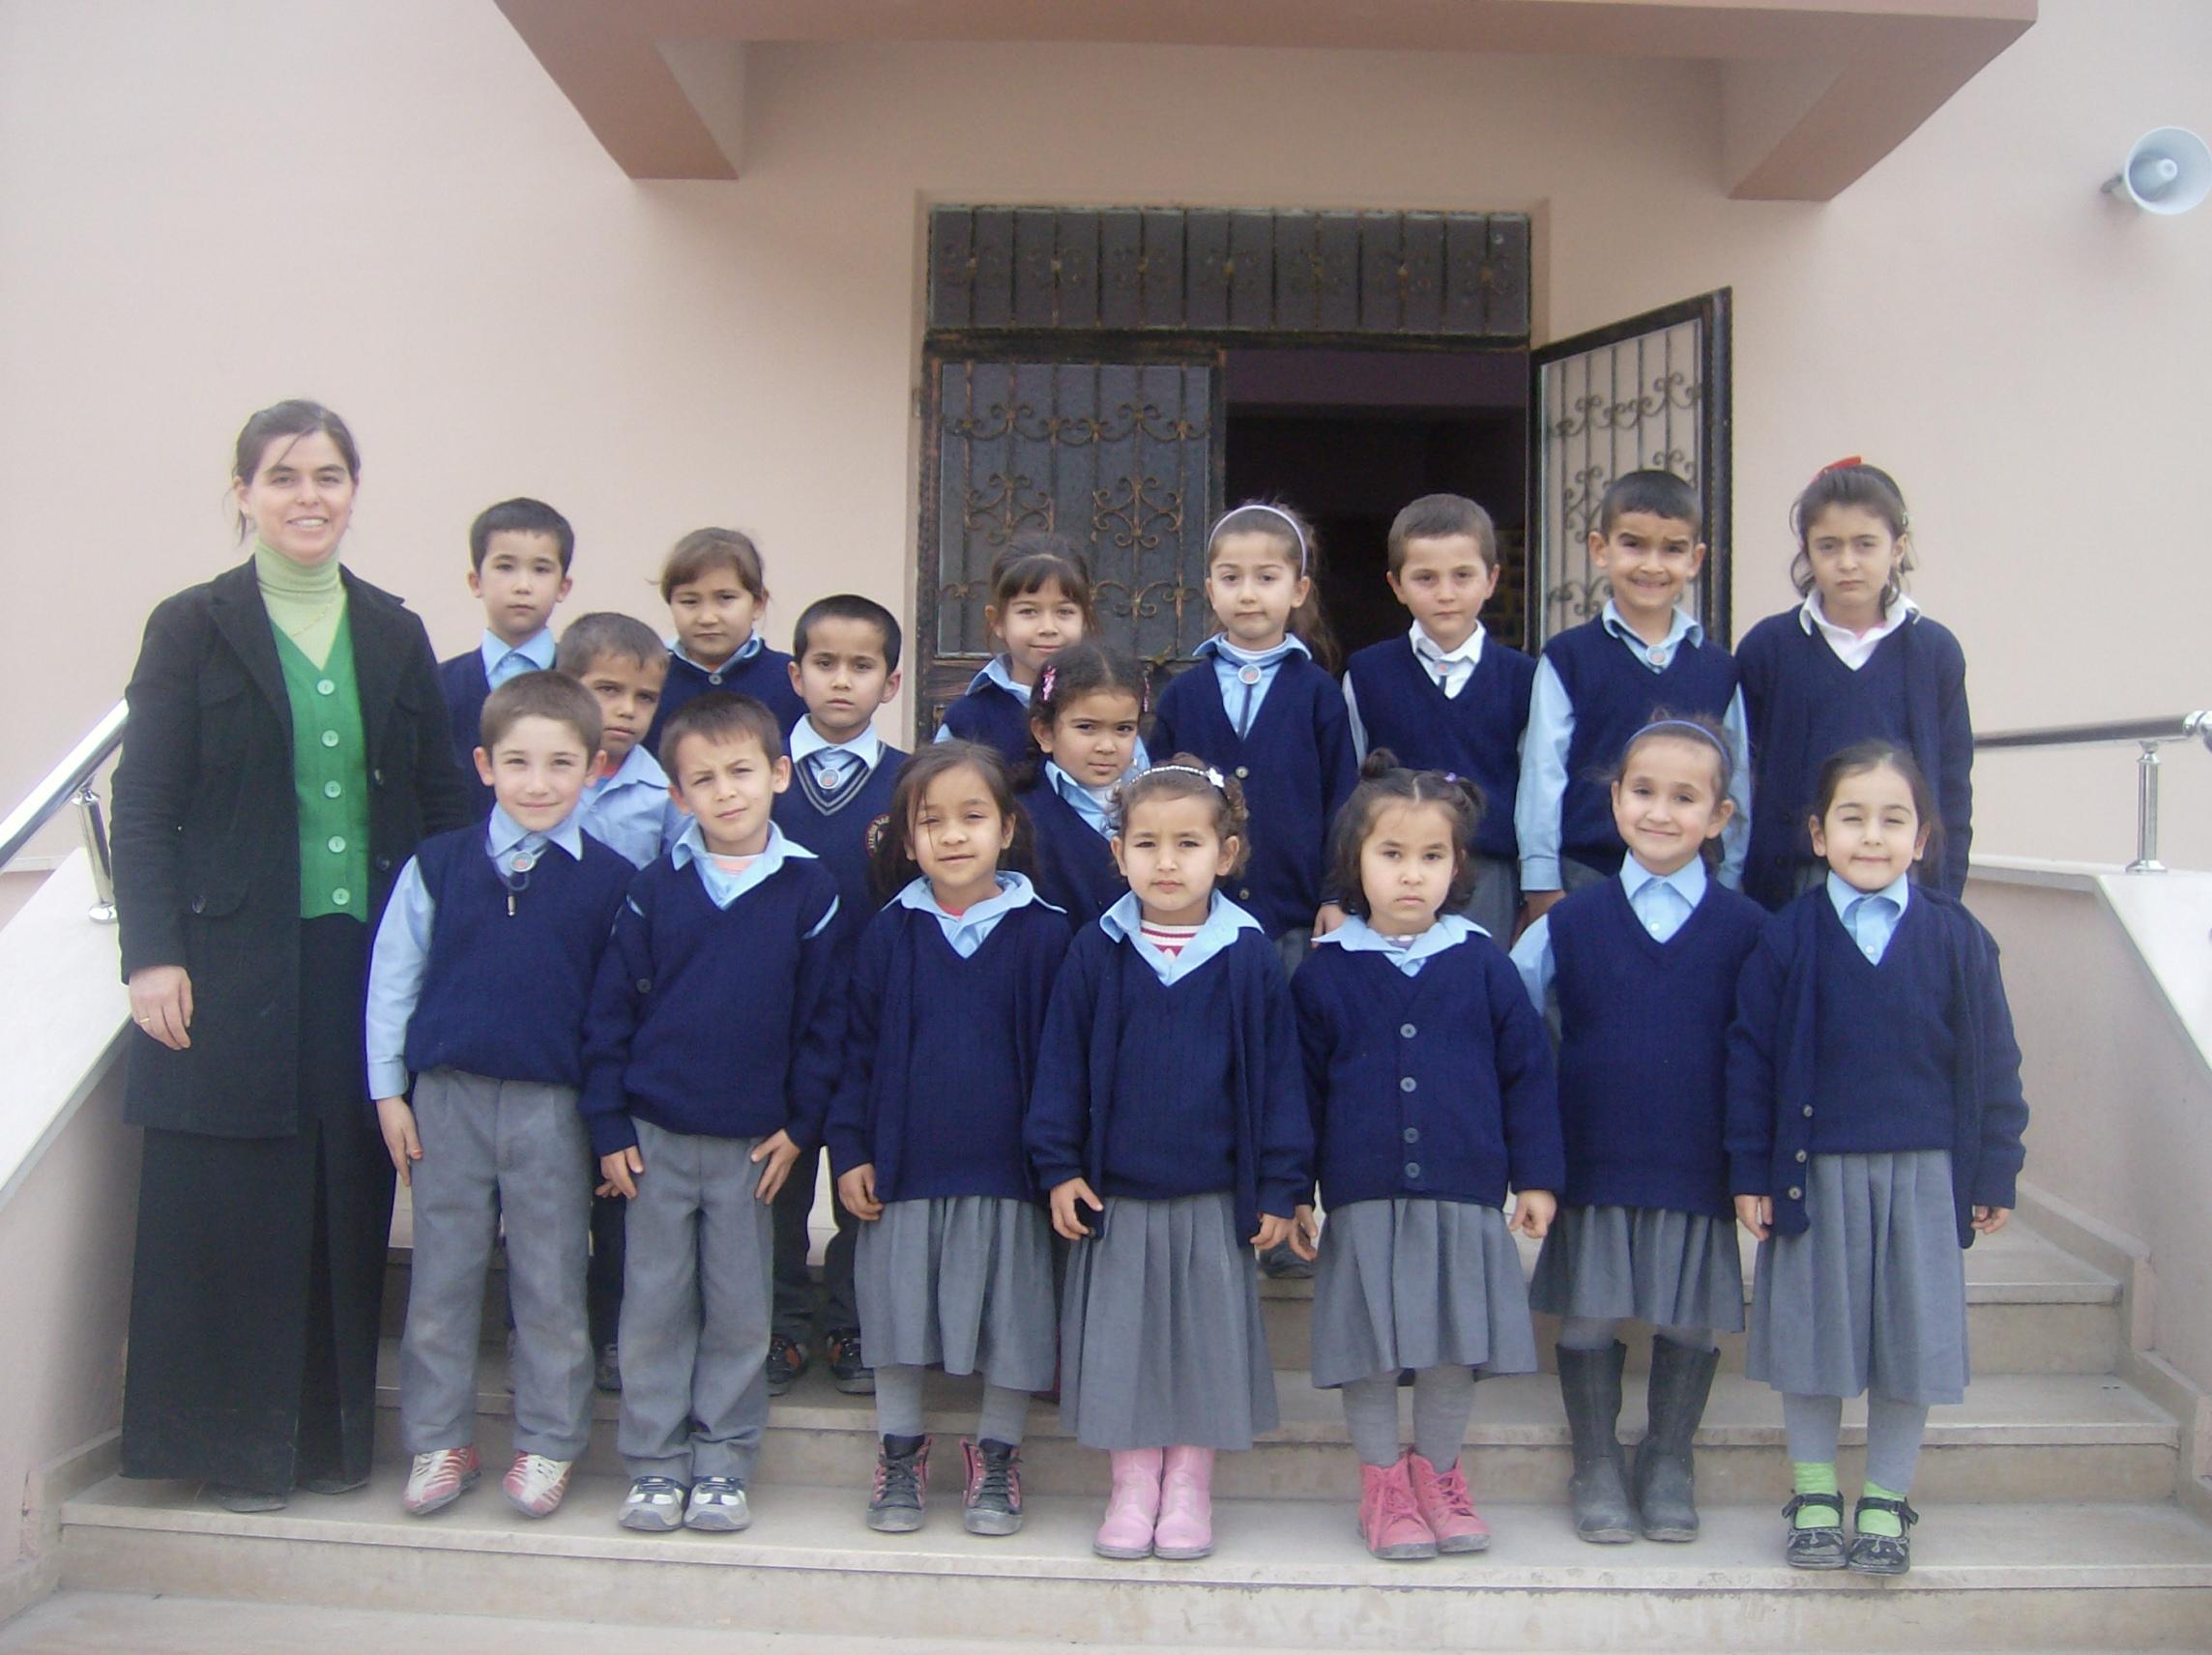 Karahacılı ilköğretim okulu 1. Sınıf